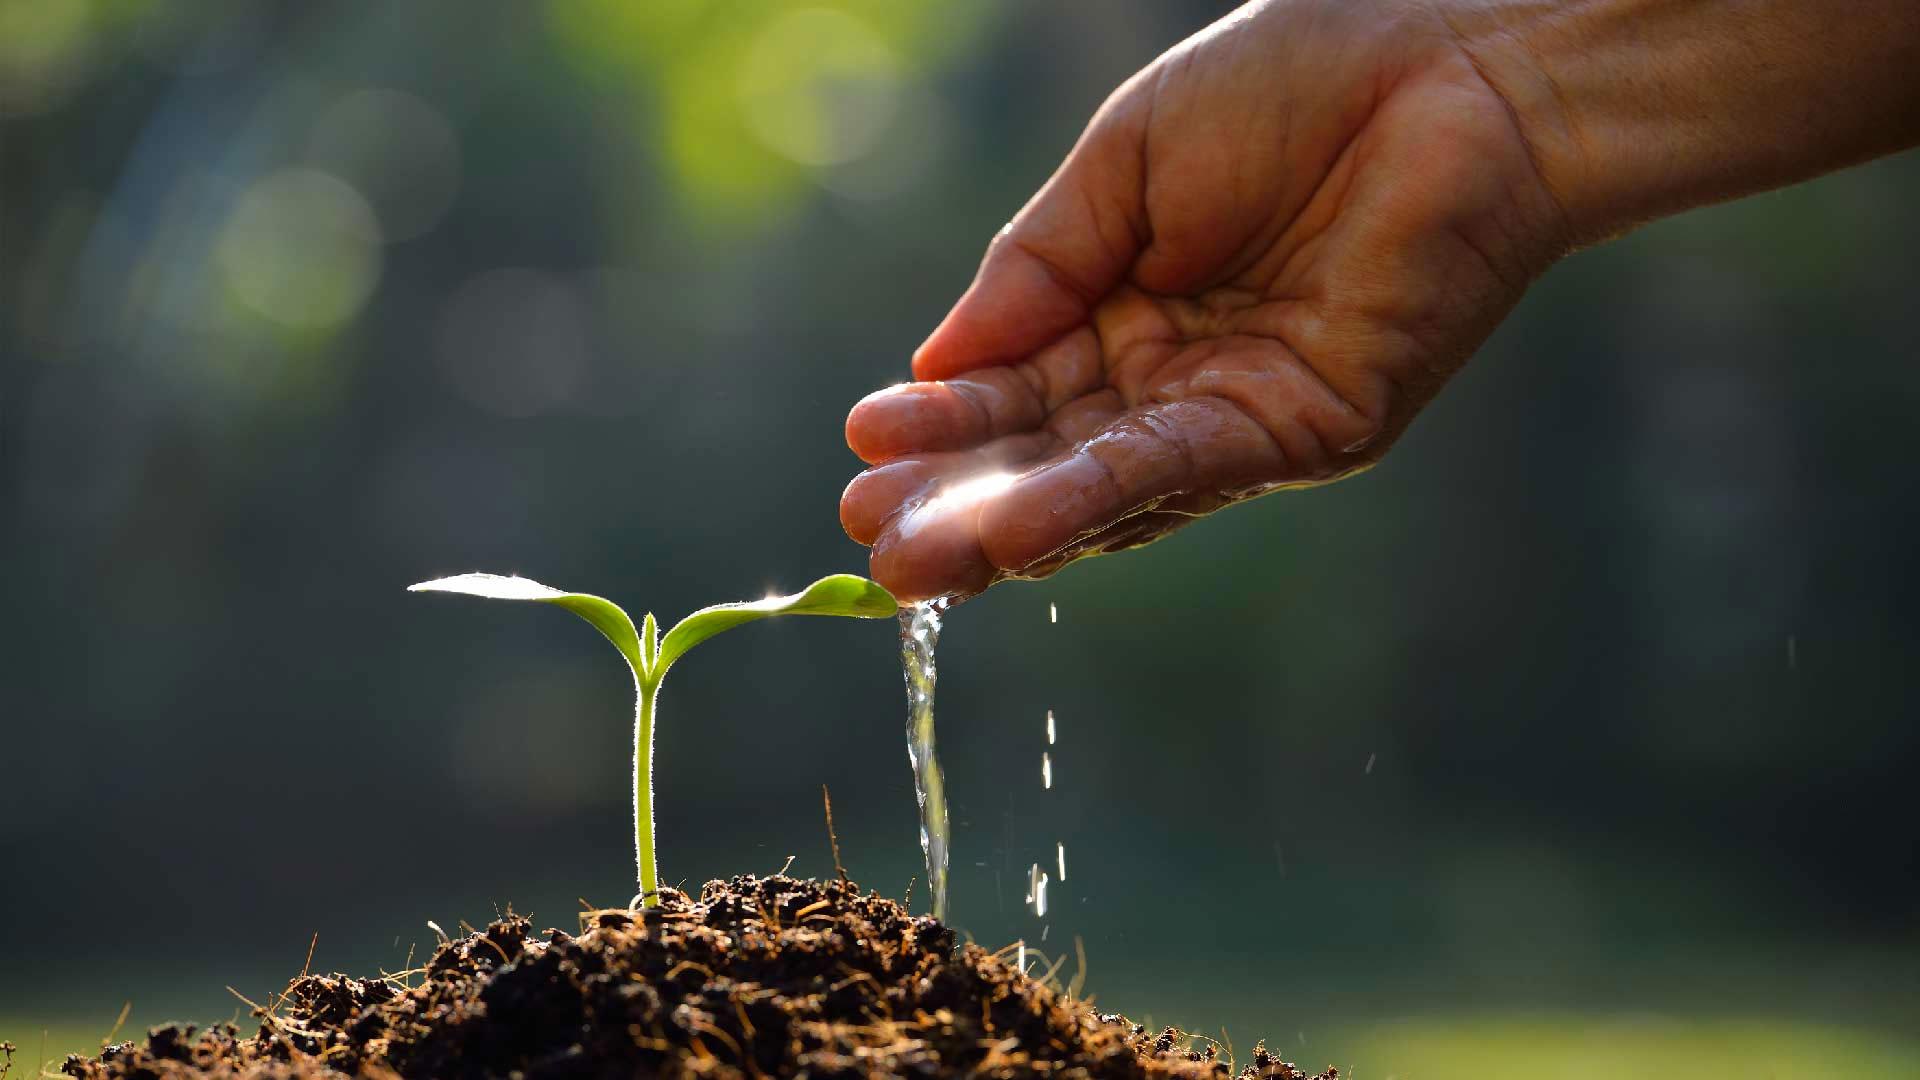 Distribuidor de semillas